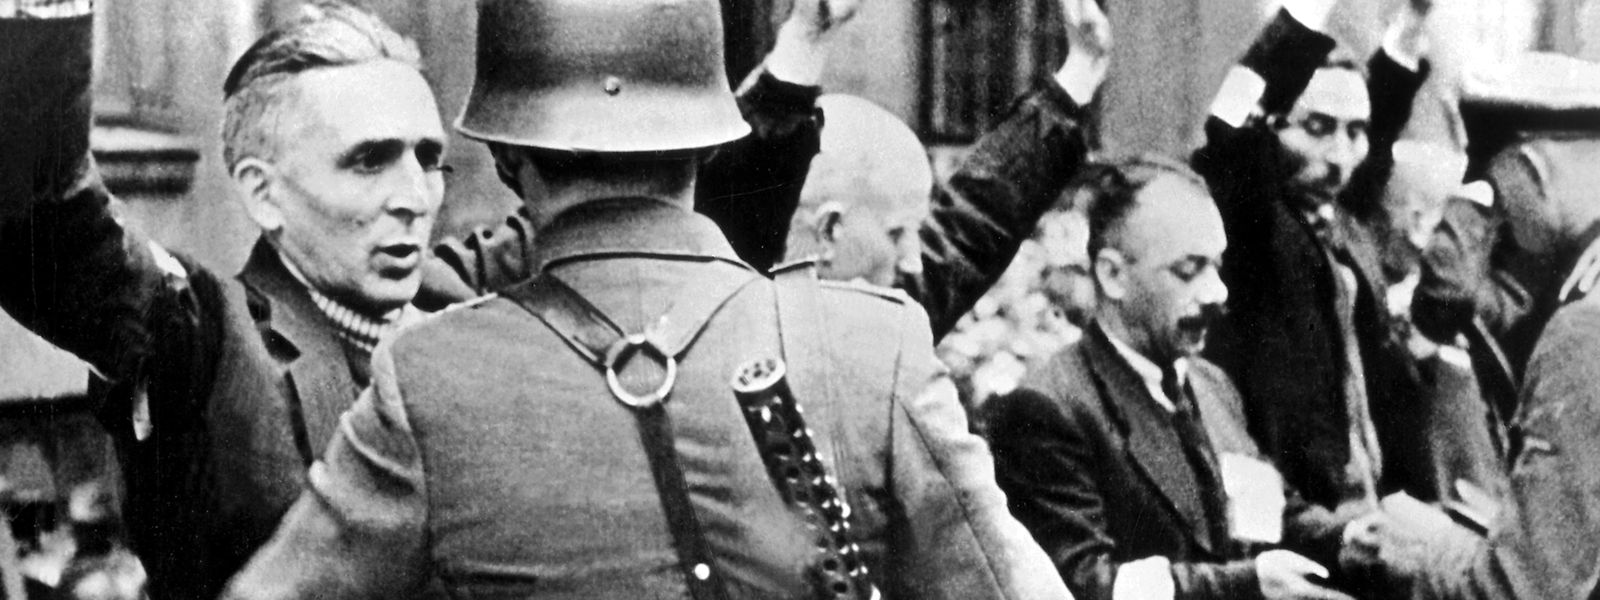 Die Nazis drangsalieren die Bewohner, pferchen sie in ein Ghetto ein. Diejenigen, die nicht dem eigenen Schicksal überlassen werden, werden in Konzentrationslager gebracht. Am 19. April 1943 wehren sich die Bewohner.